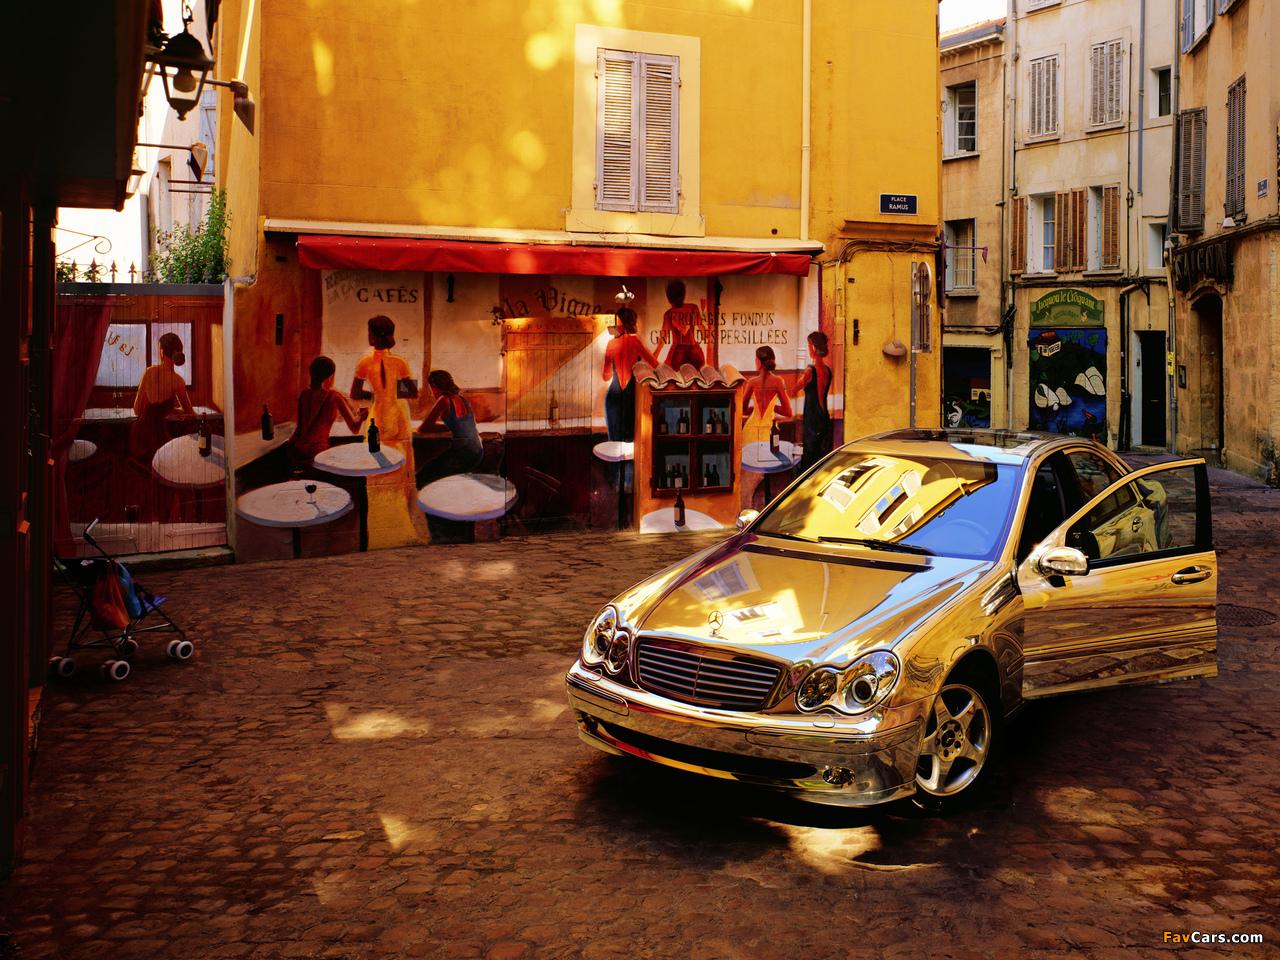 Mercedes-Benz C-Klasse 203 images (1280 x 960)